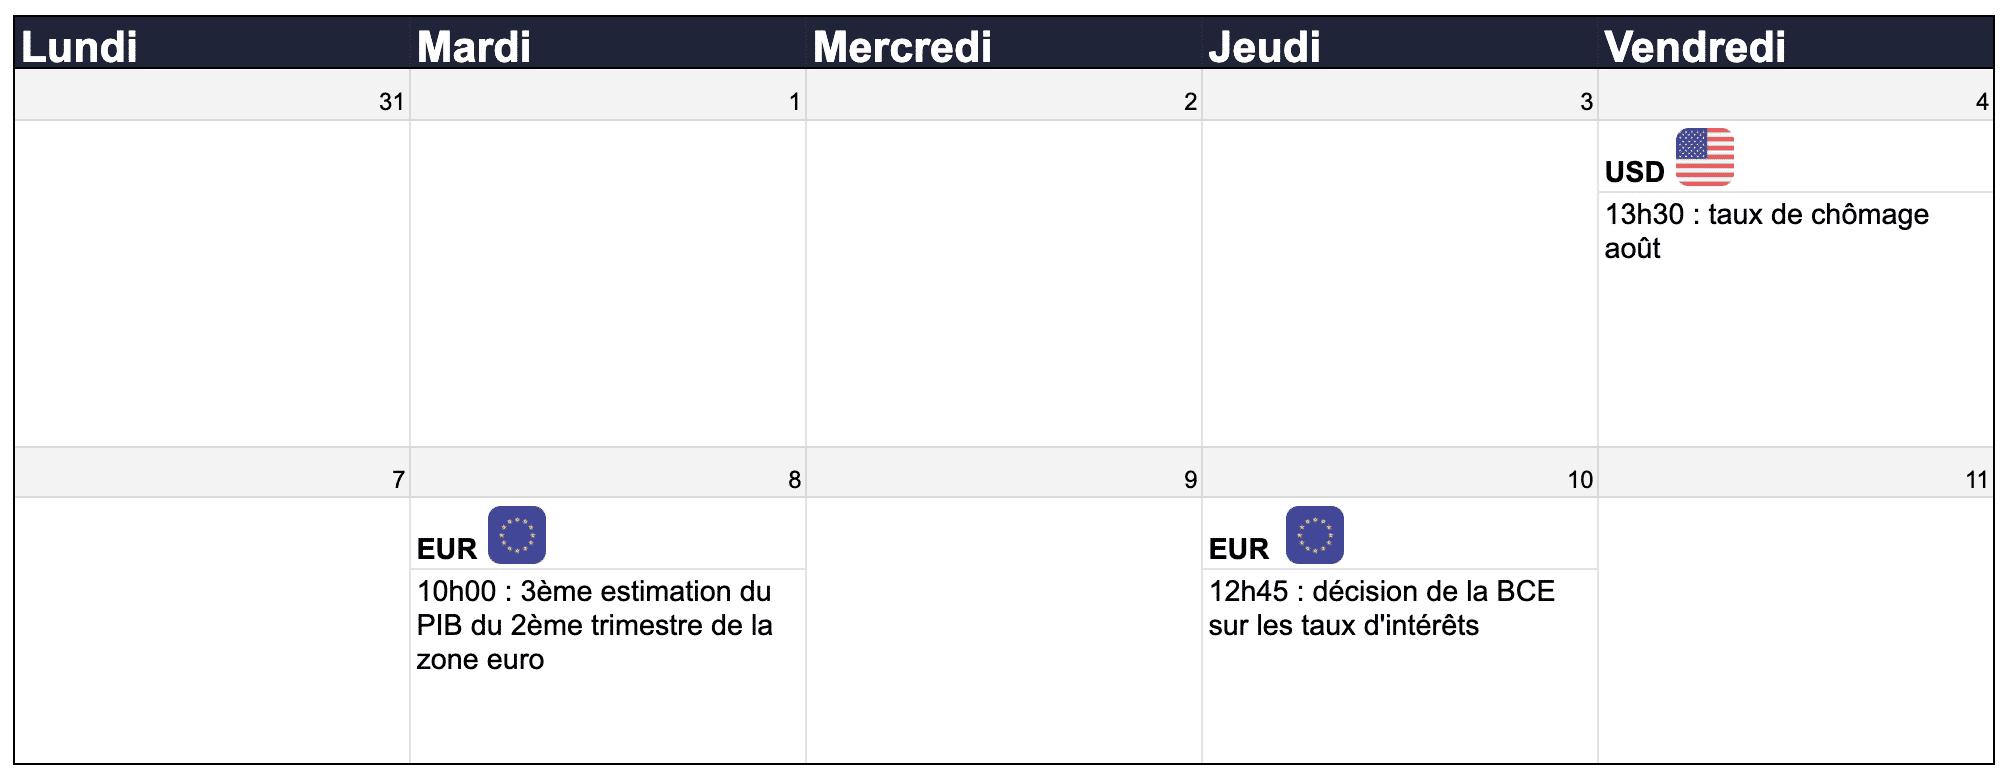 Screenshot 2020-09-03 at 14.06.50